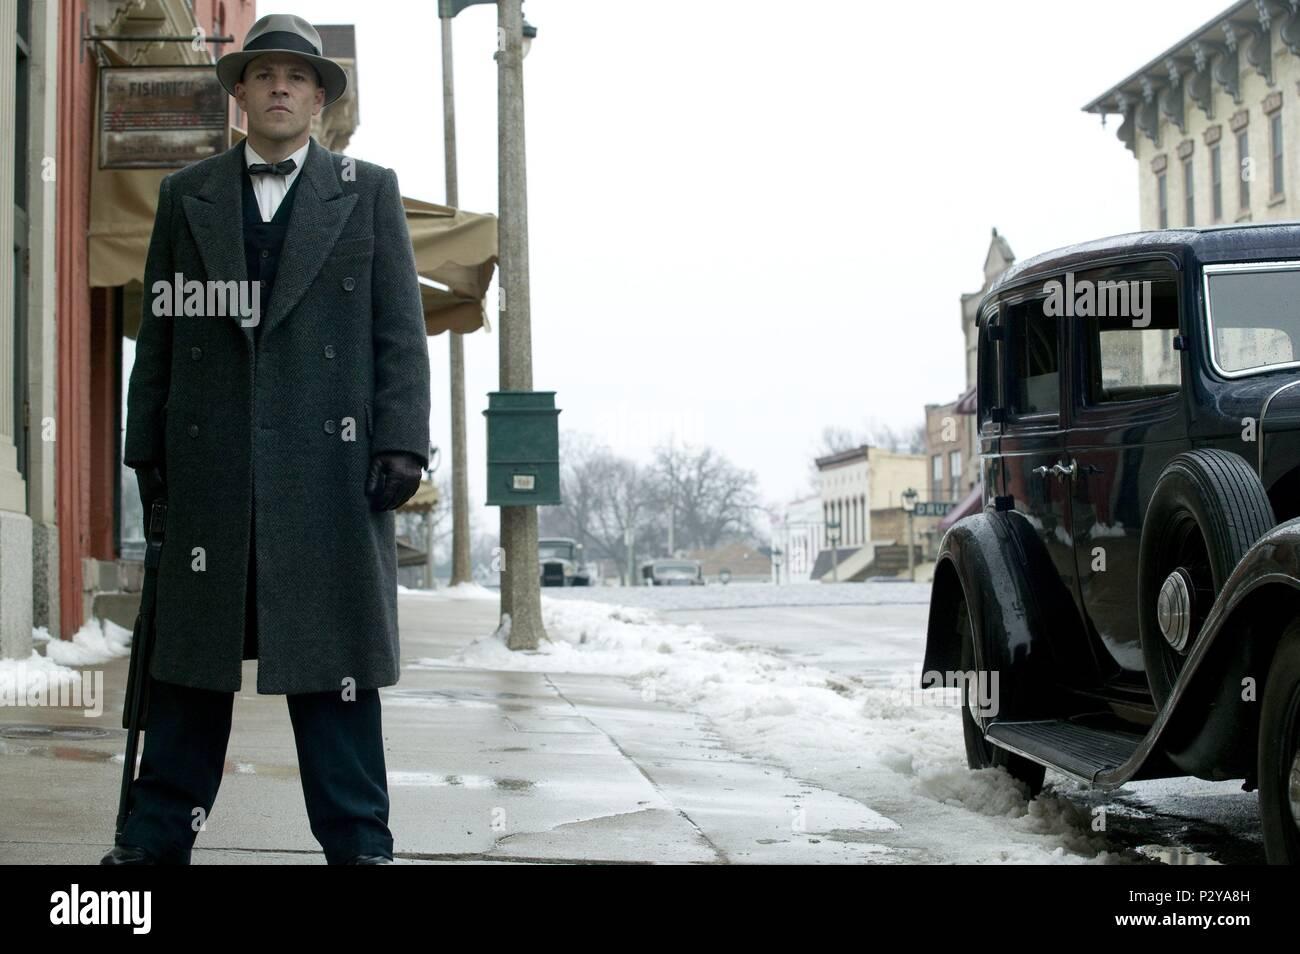 Original Film Title: PUBLIC ENEMIES.  English Title: PUBLIC ENEMIES.  Film Director: MICHAEL MANN.  Year: 2009. Credit: TRIBECA PRODUCTIONS / Album - Stock Image